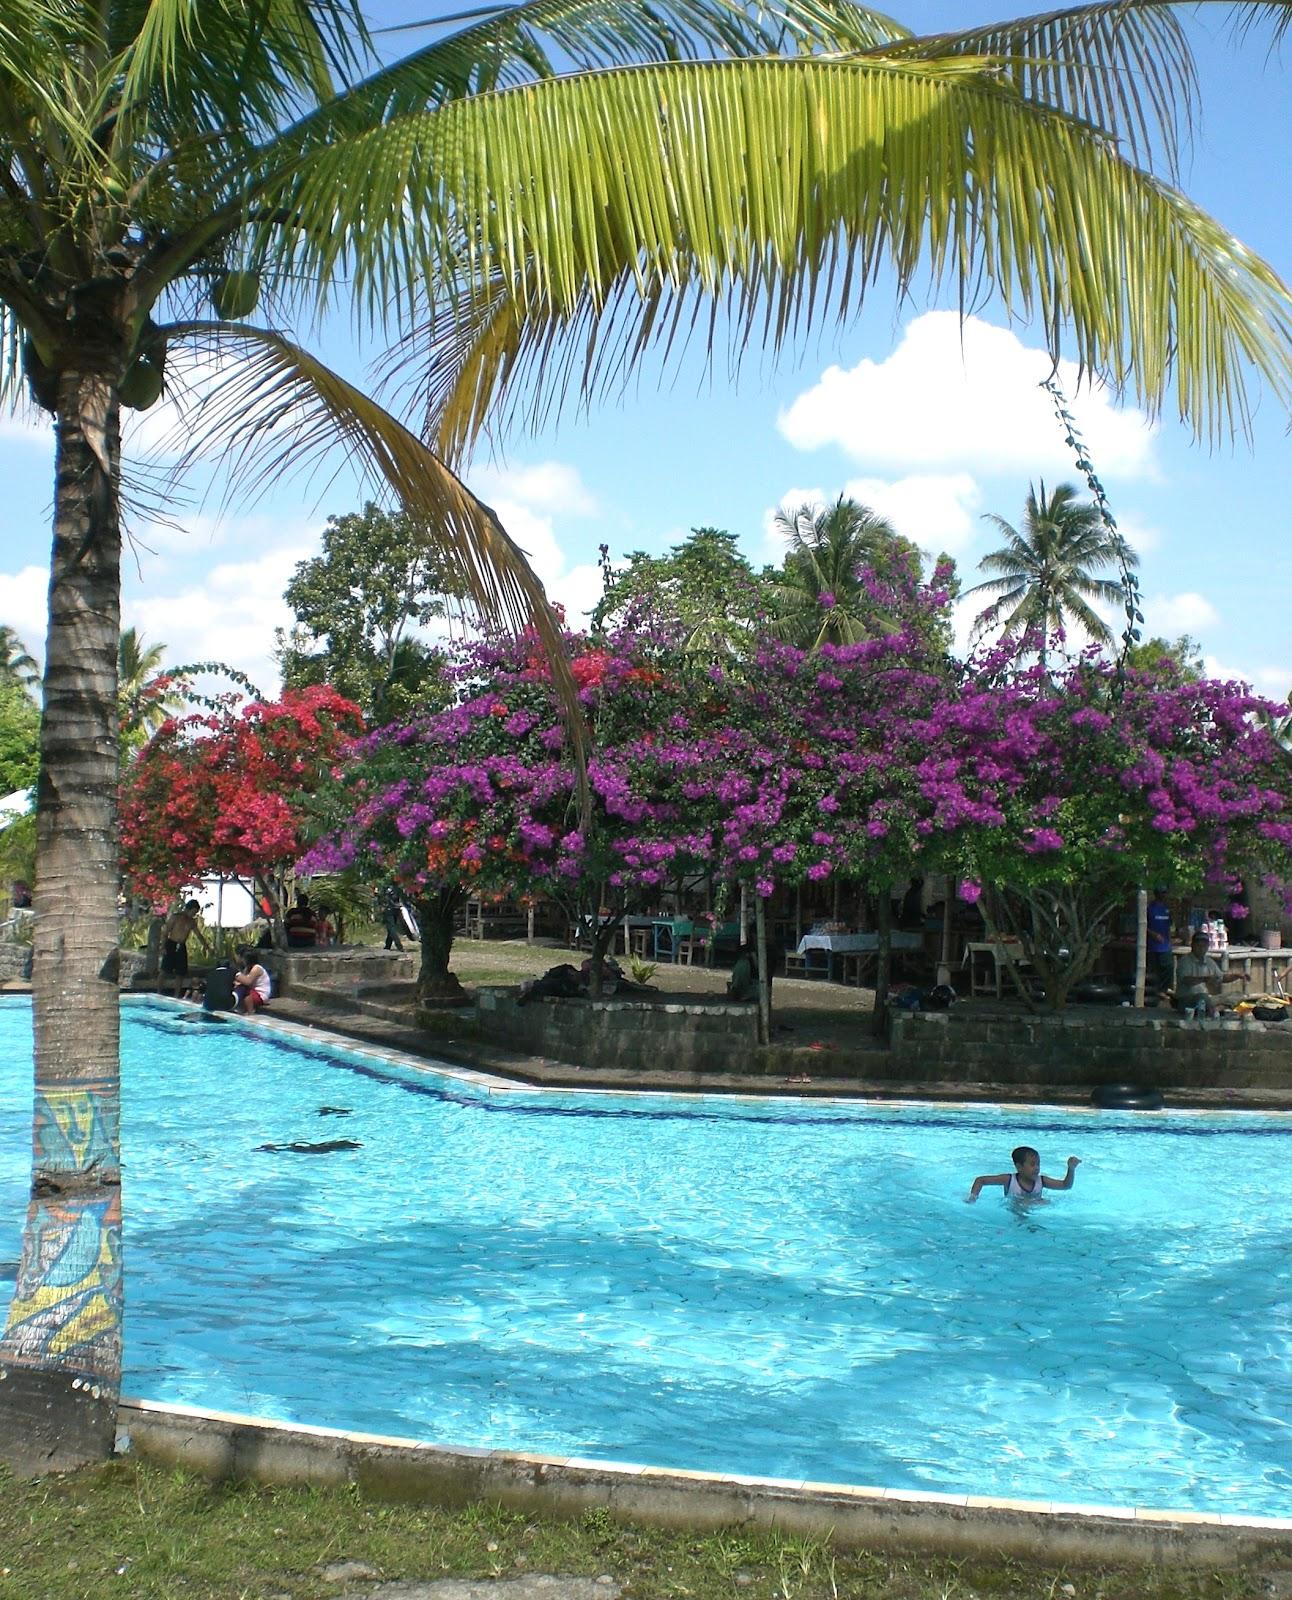 Wisata Umbul Pule Glenmore Banyuwangi Bagus Bening Water Park Kab